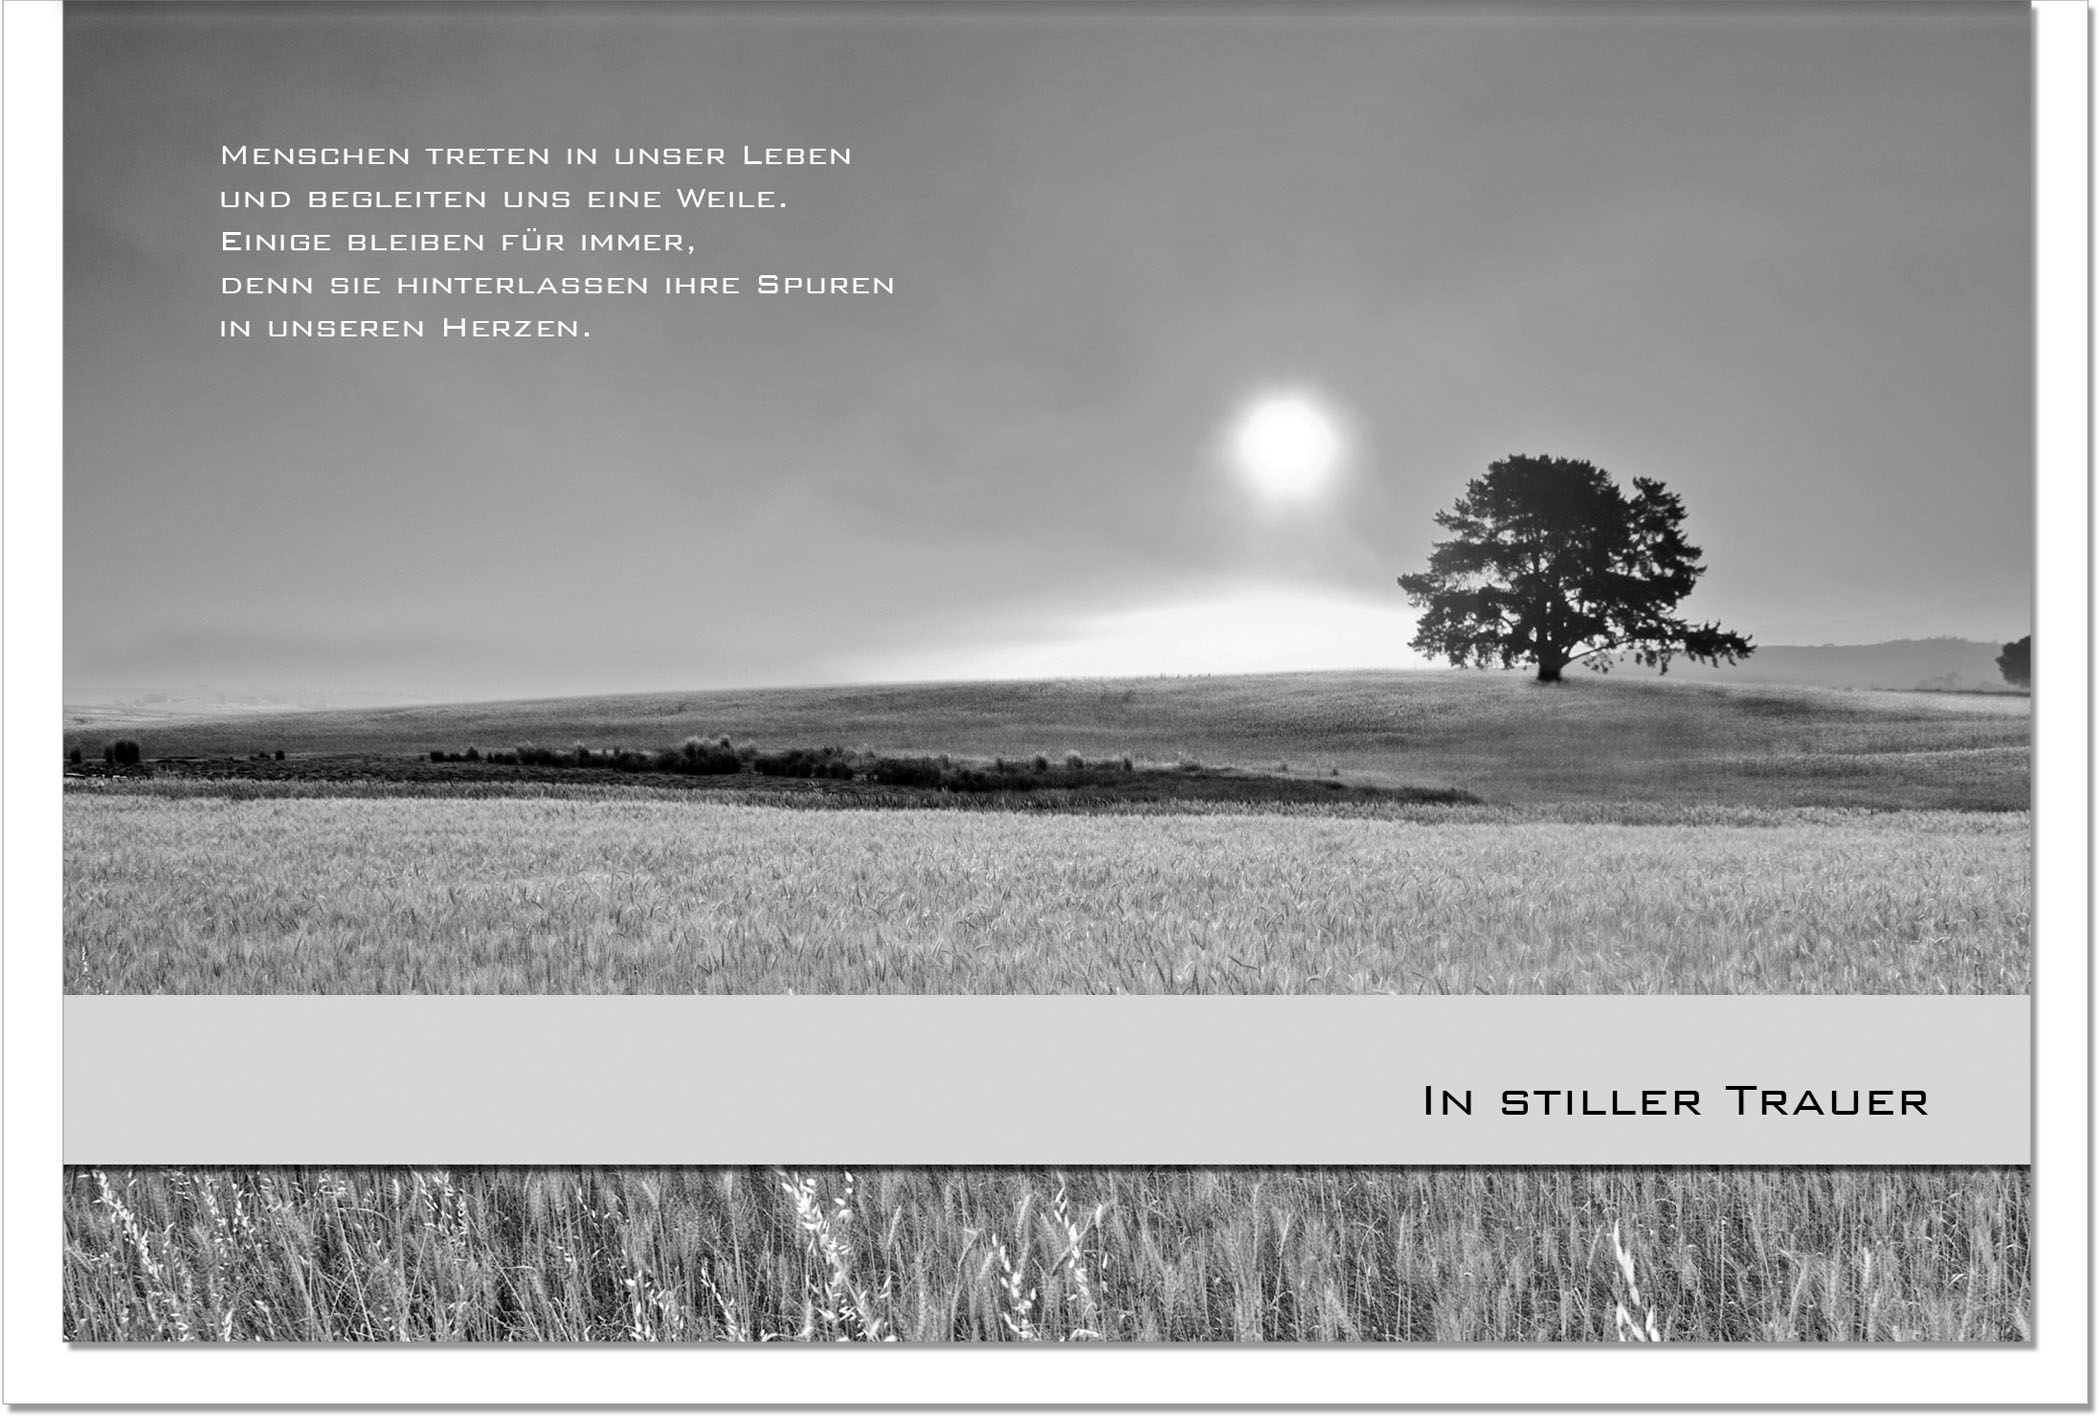 Trauerkarte Beileidskarte / Kornfeld